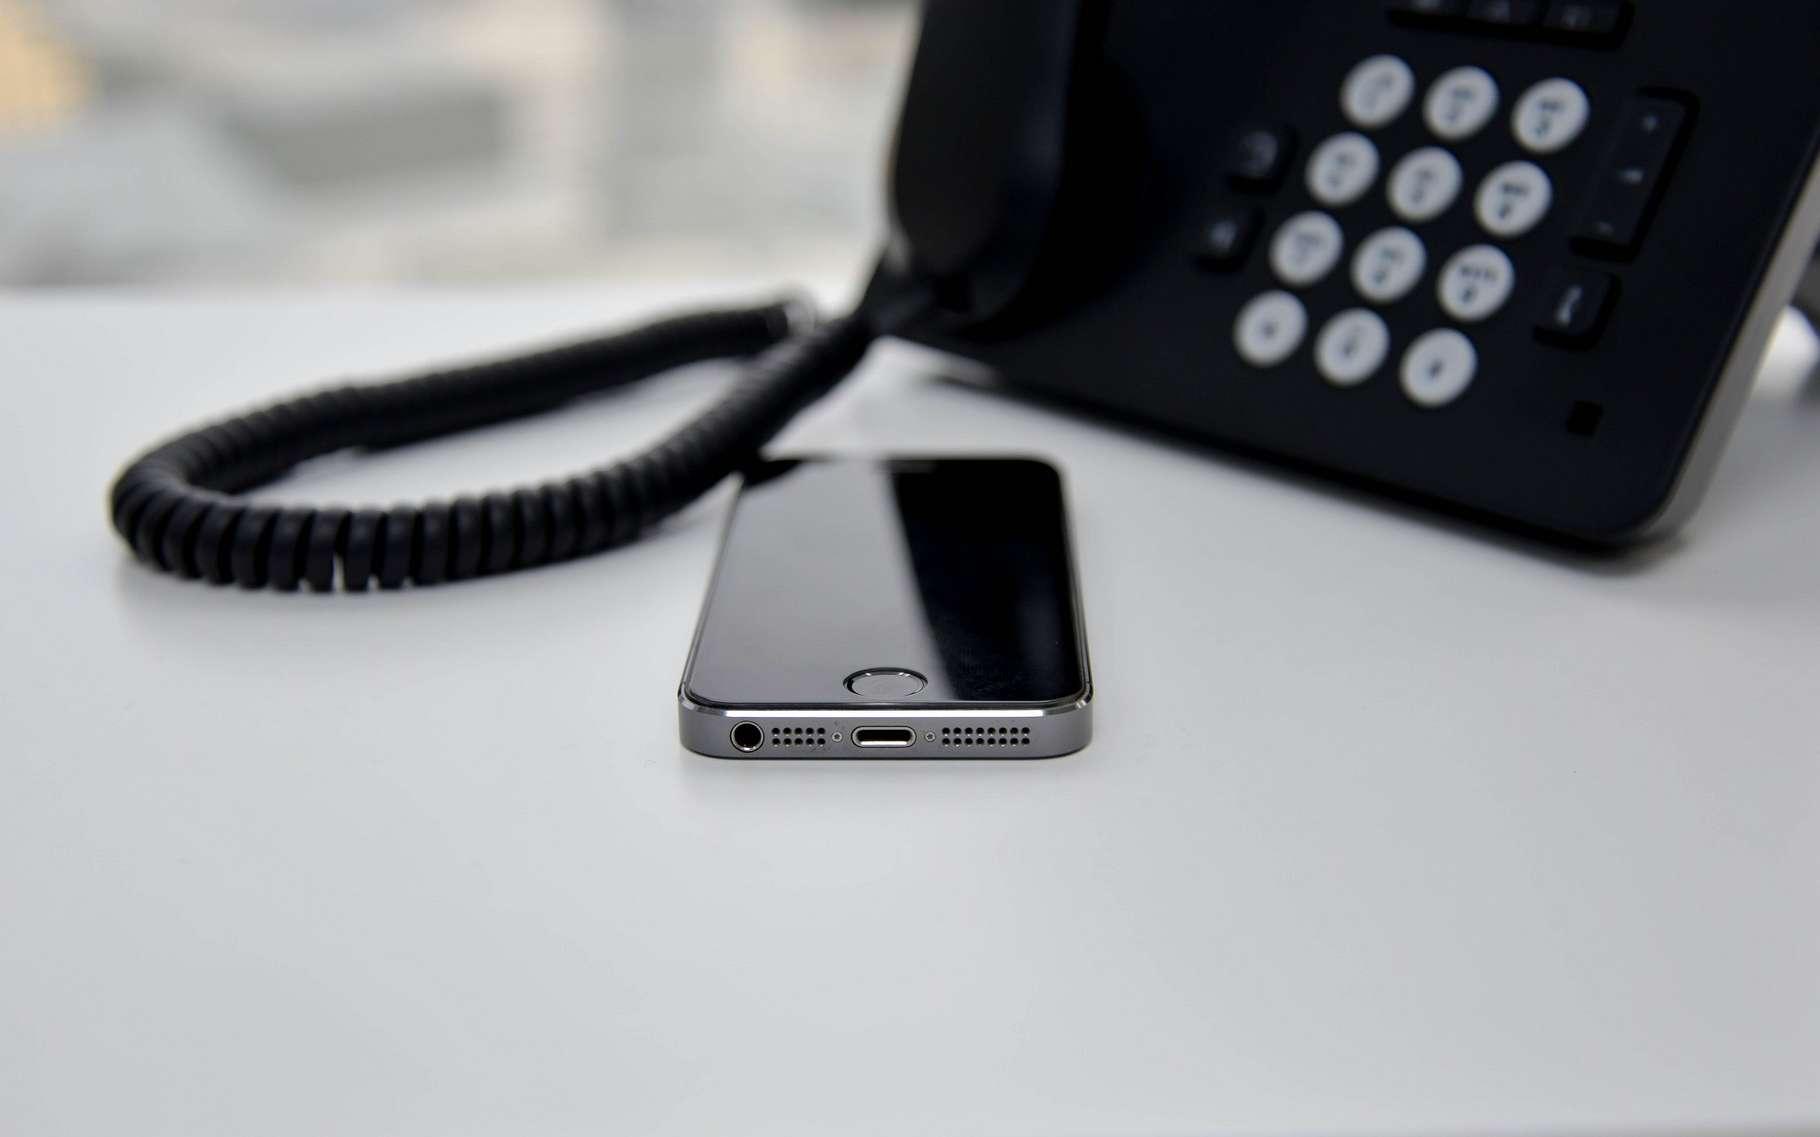 L'obtention du relevé d'identité opérateur (RIO) est gratuite et indispensable pour pouvoir conserver son numéro de téléphone lorsque l'on change d'opérateur. © Magnetic Mcc, Shutterstock